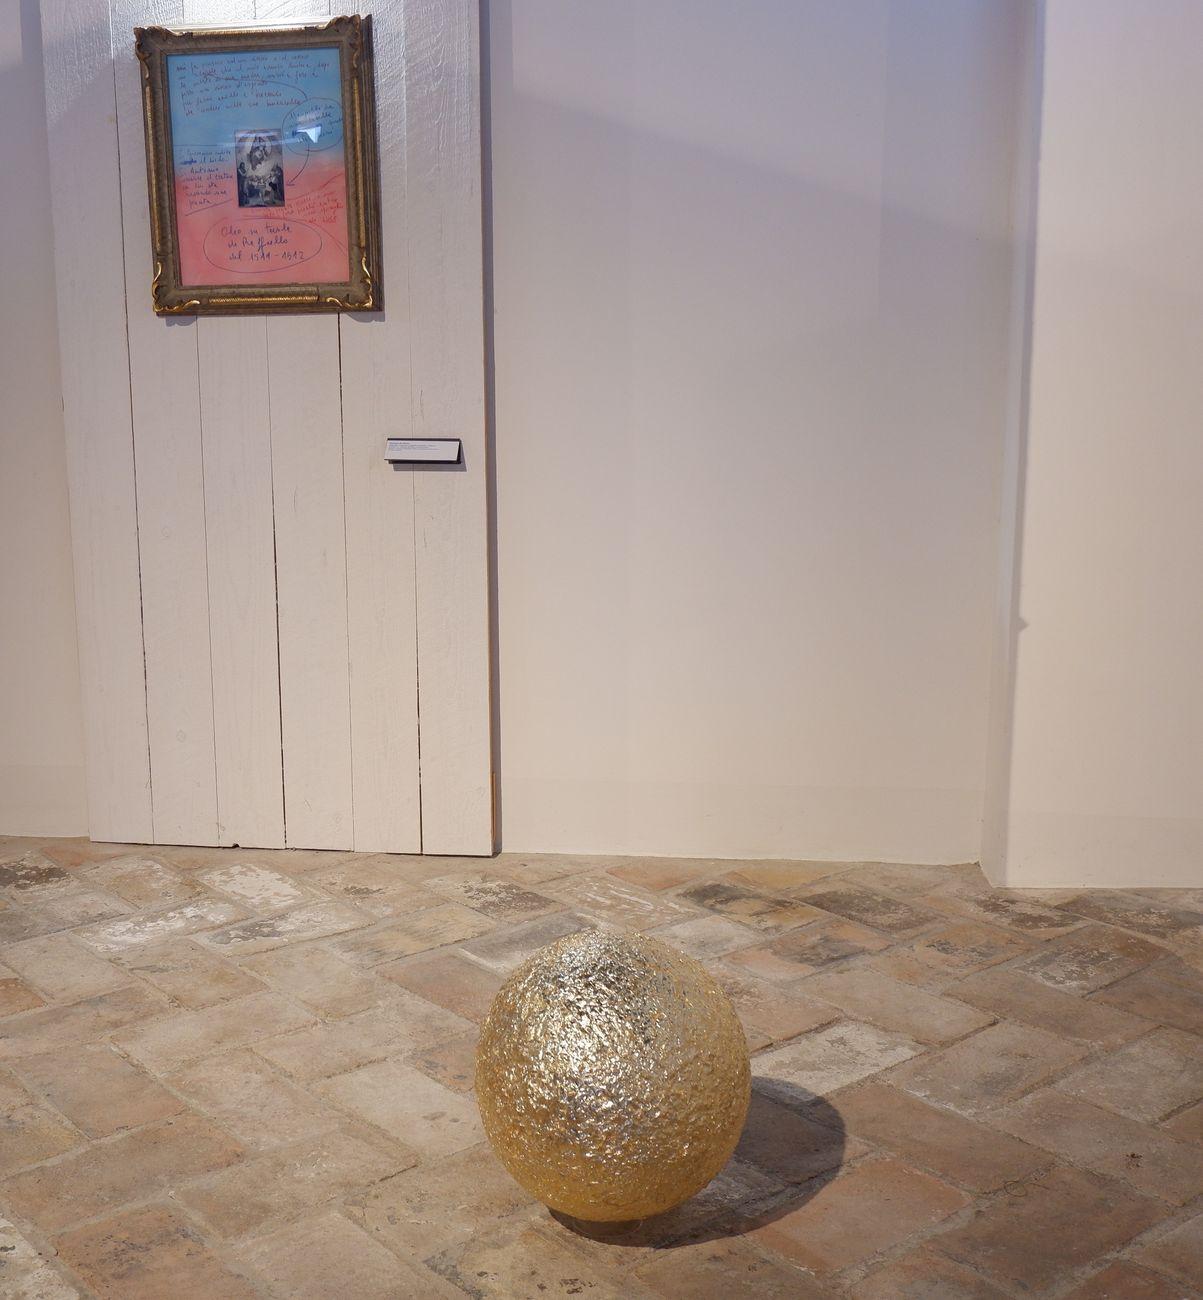 La Madonna di Foligno, il meteorite e il punctum. Meletios Meletiou e Giuseppe De Mattia. Exhibition view at Museo Diocesano, Foligno 2021. Photo Francesca Campli